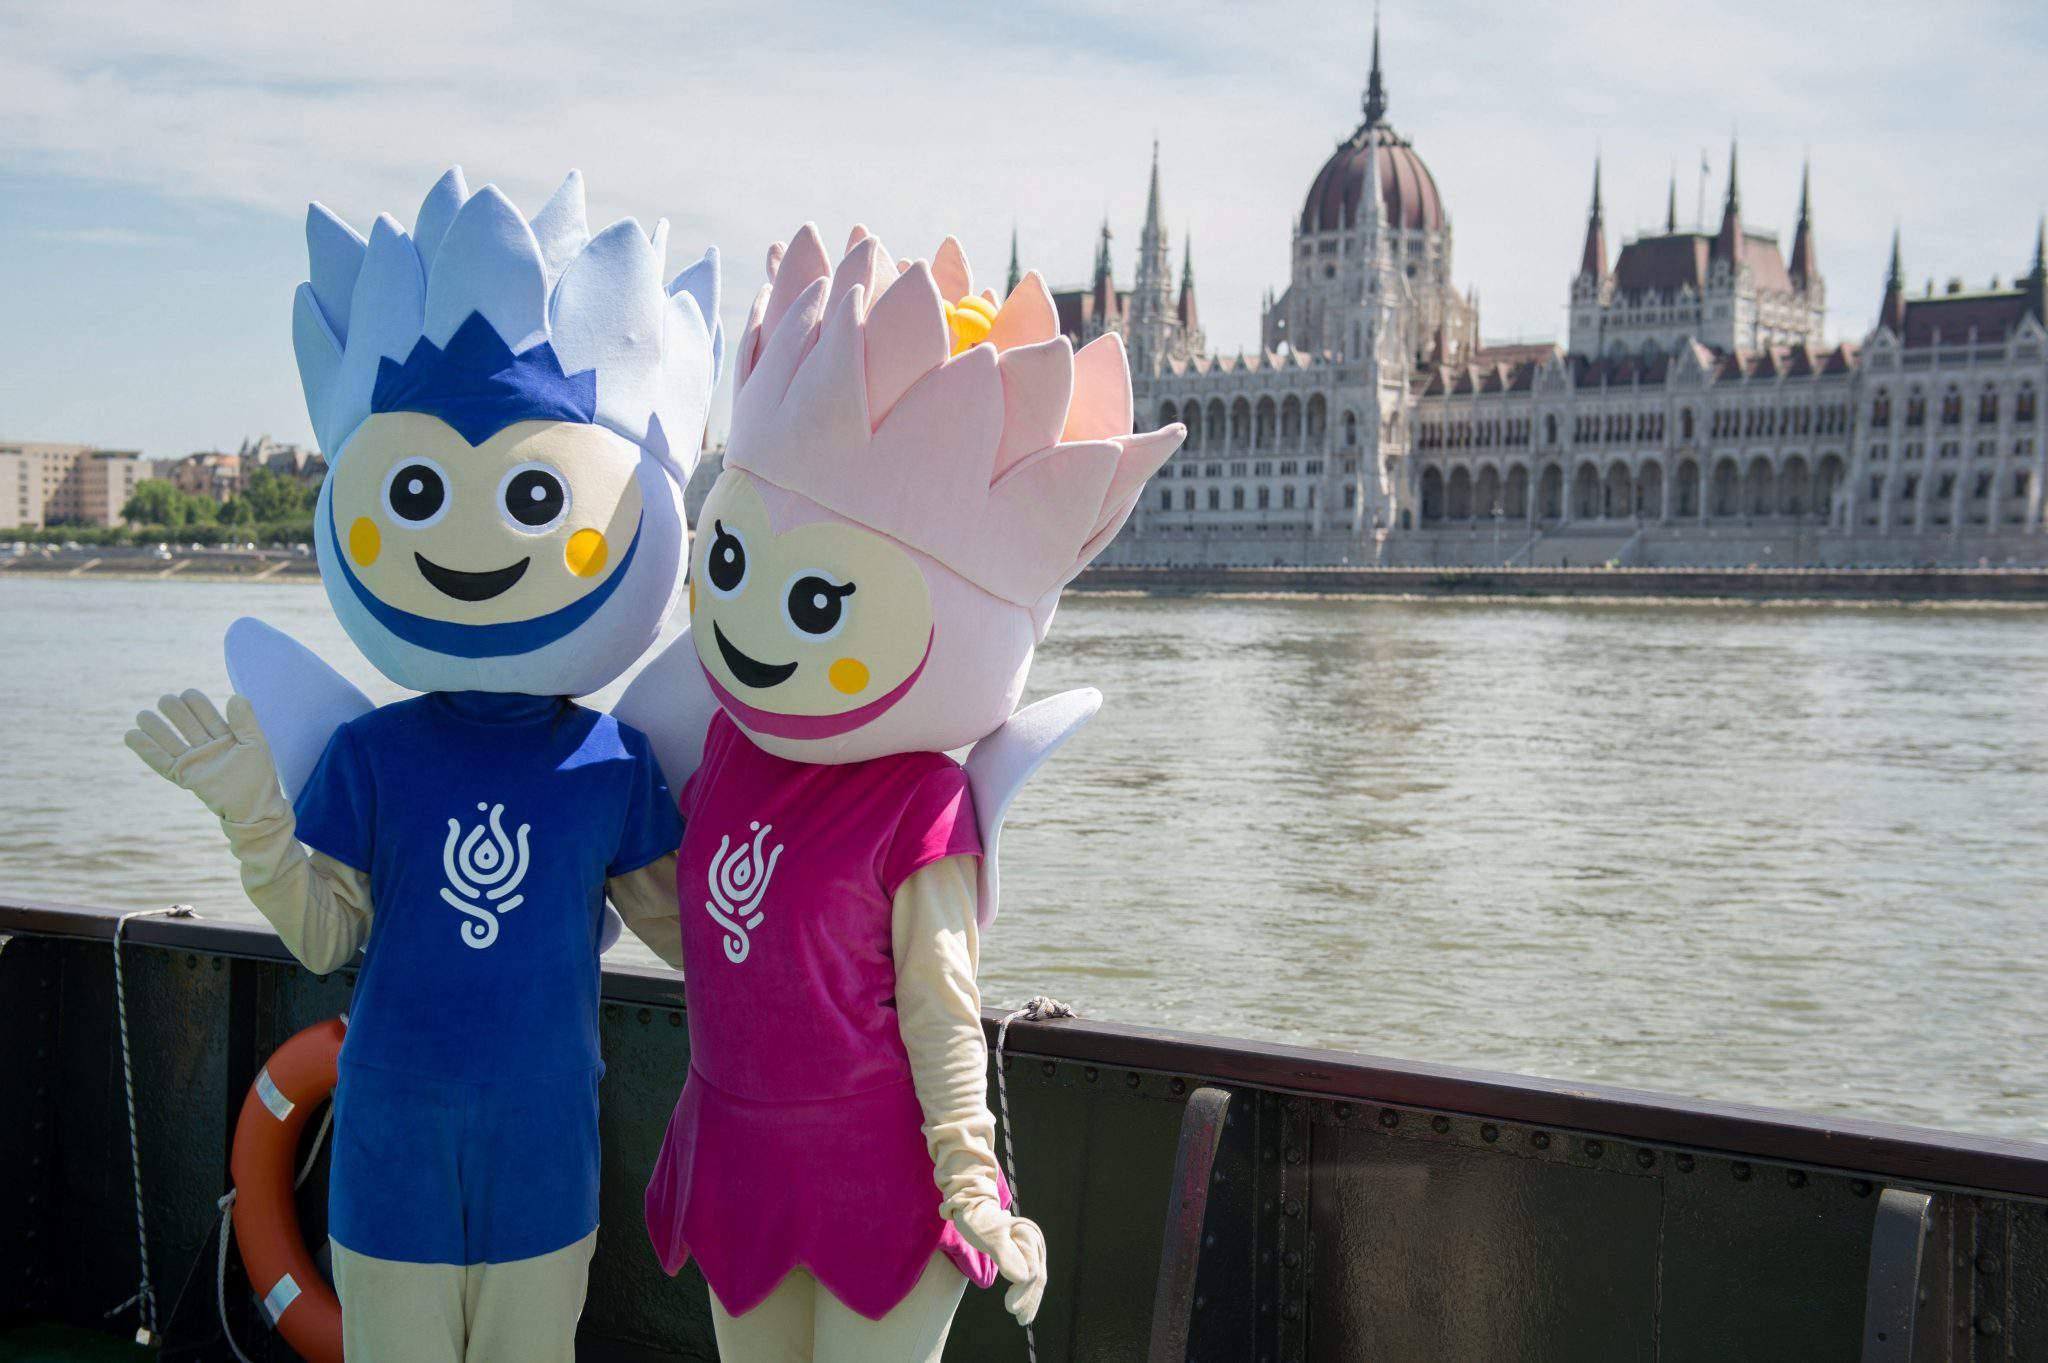 fina Budapest 2017